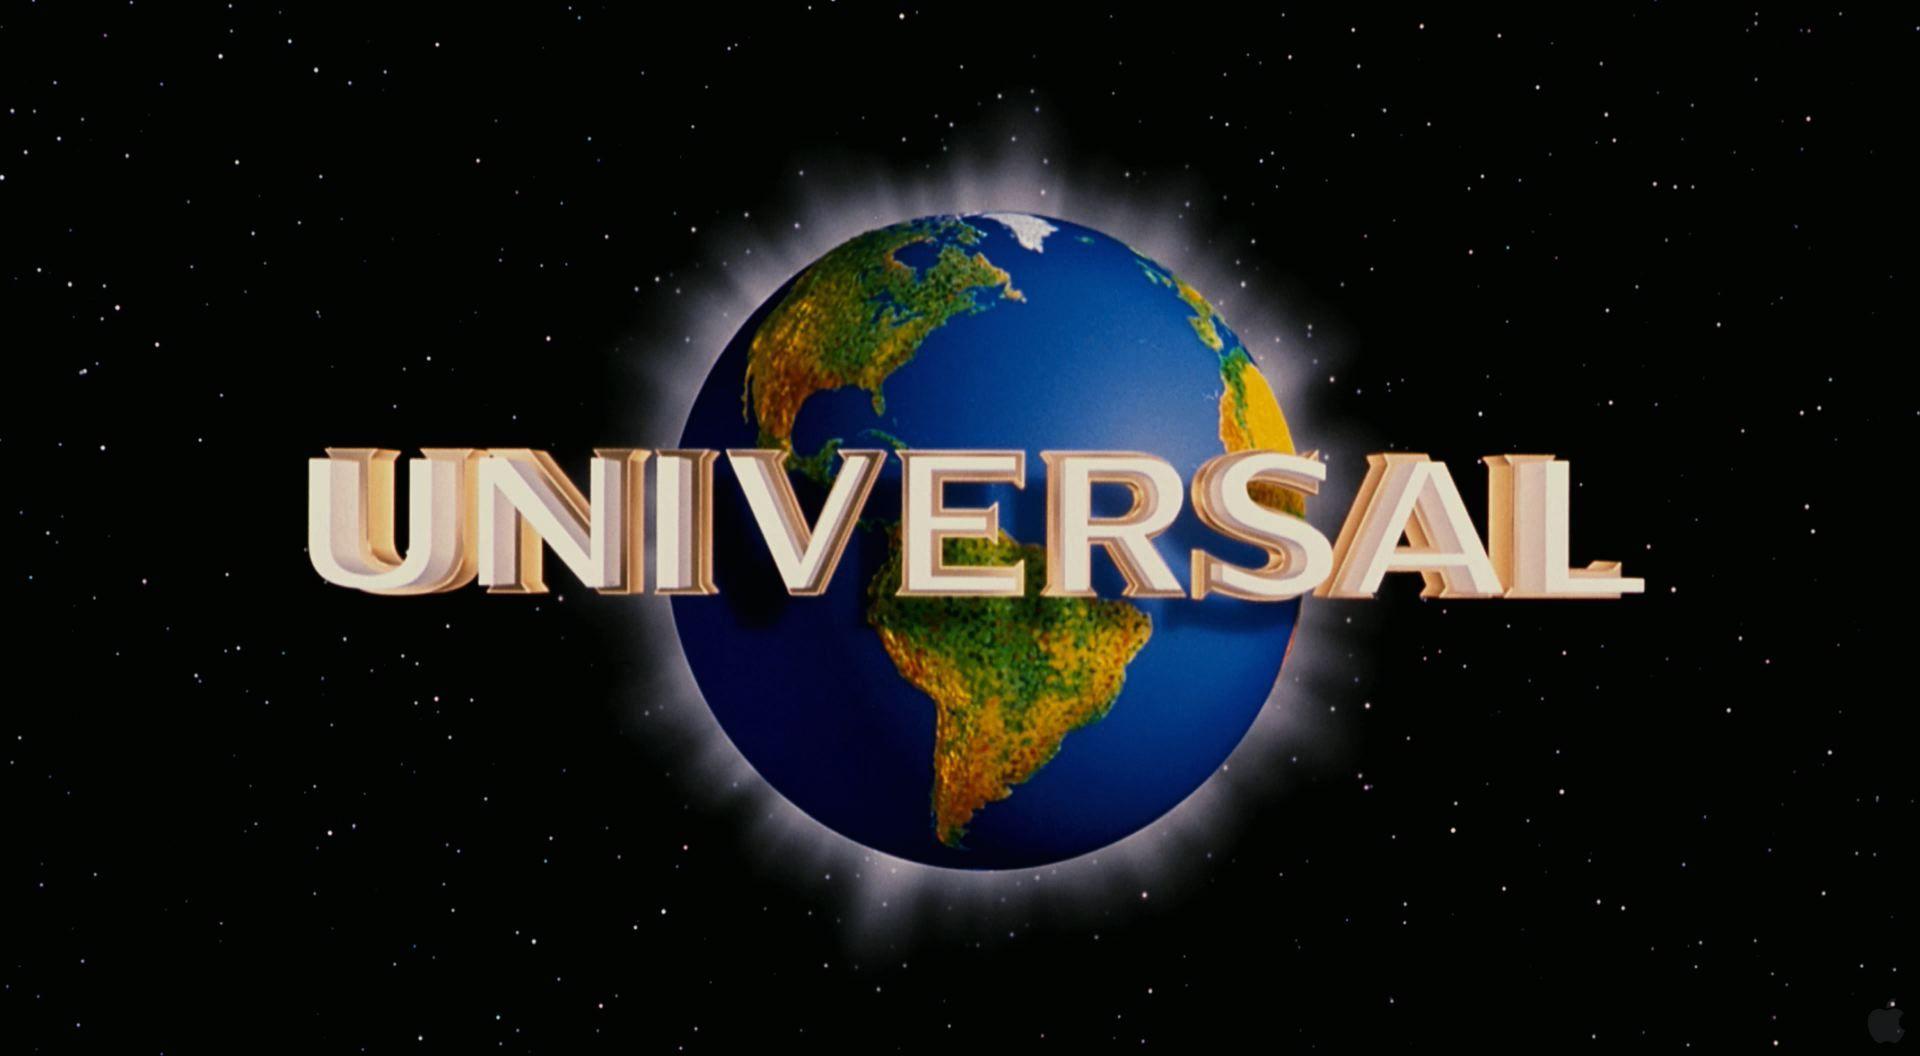 Resultado de imagem para universal studios logo